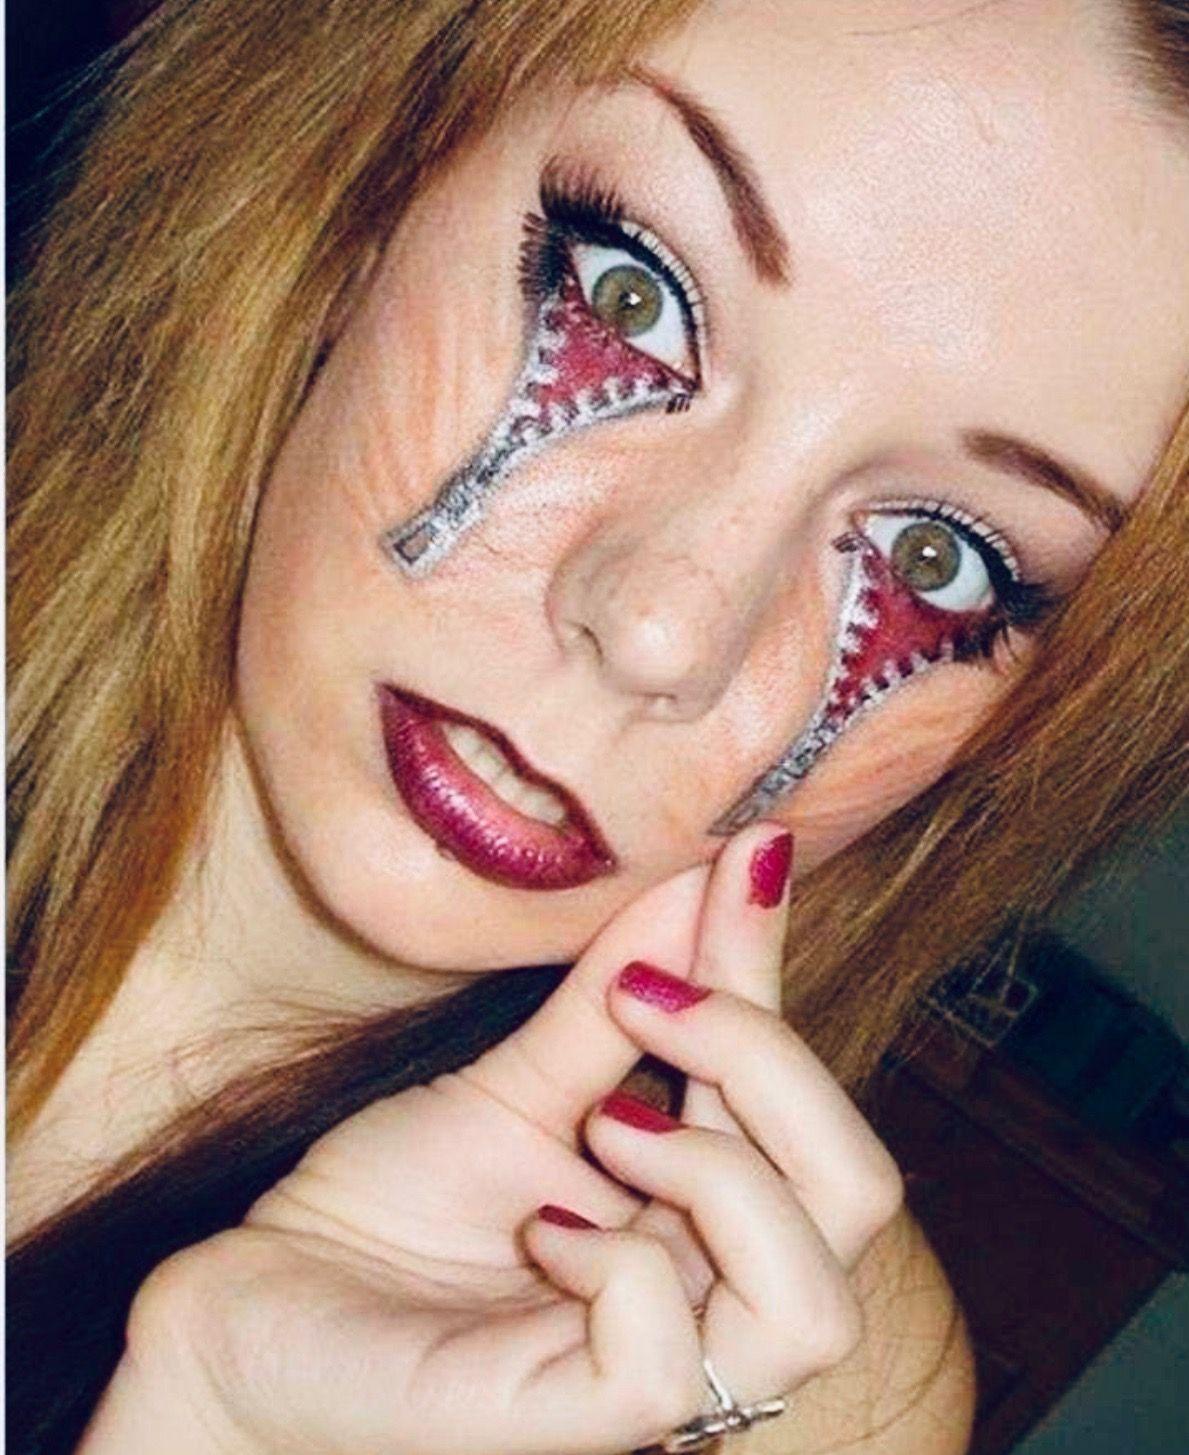 Tattoos gone wrong, Girls makeup, Zipper face